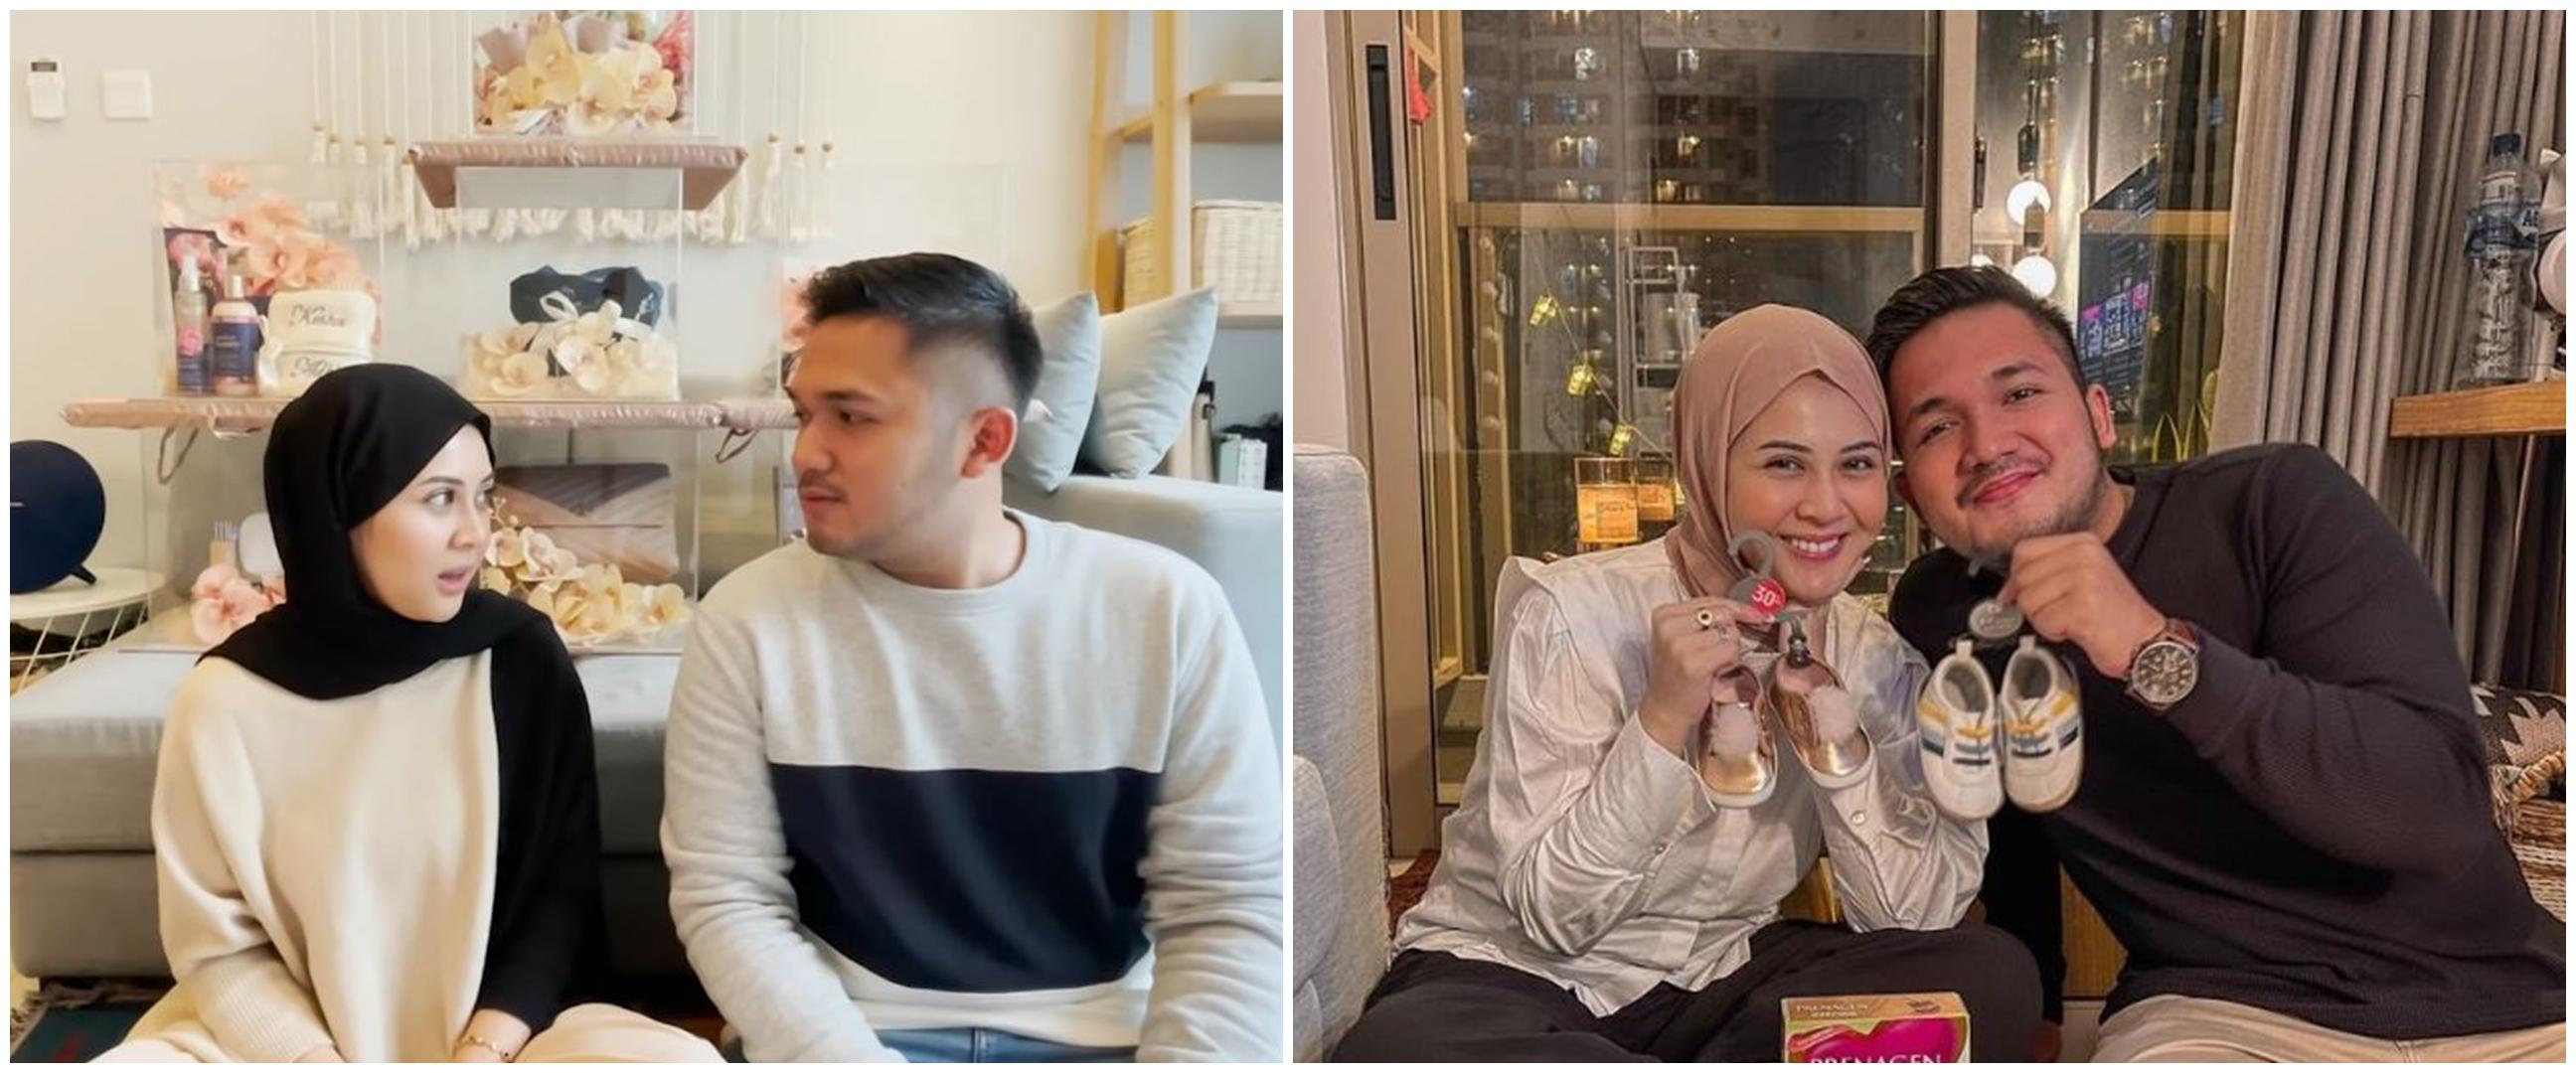 10 Penampakan apartemen Kesha Ratuliu dan Adhi Permana, minimalis